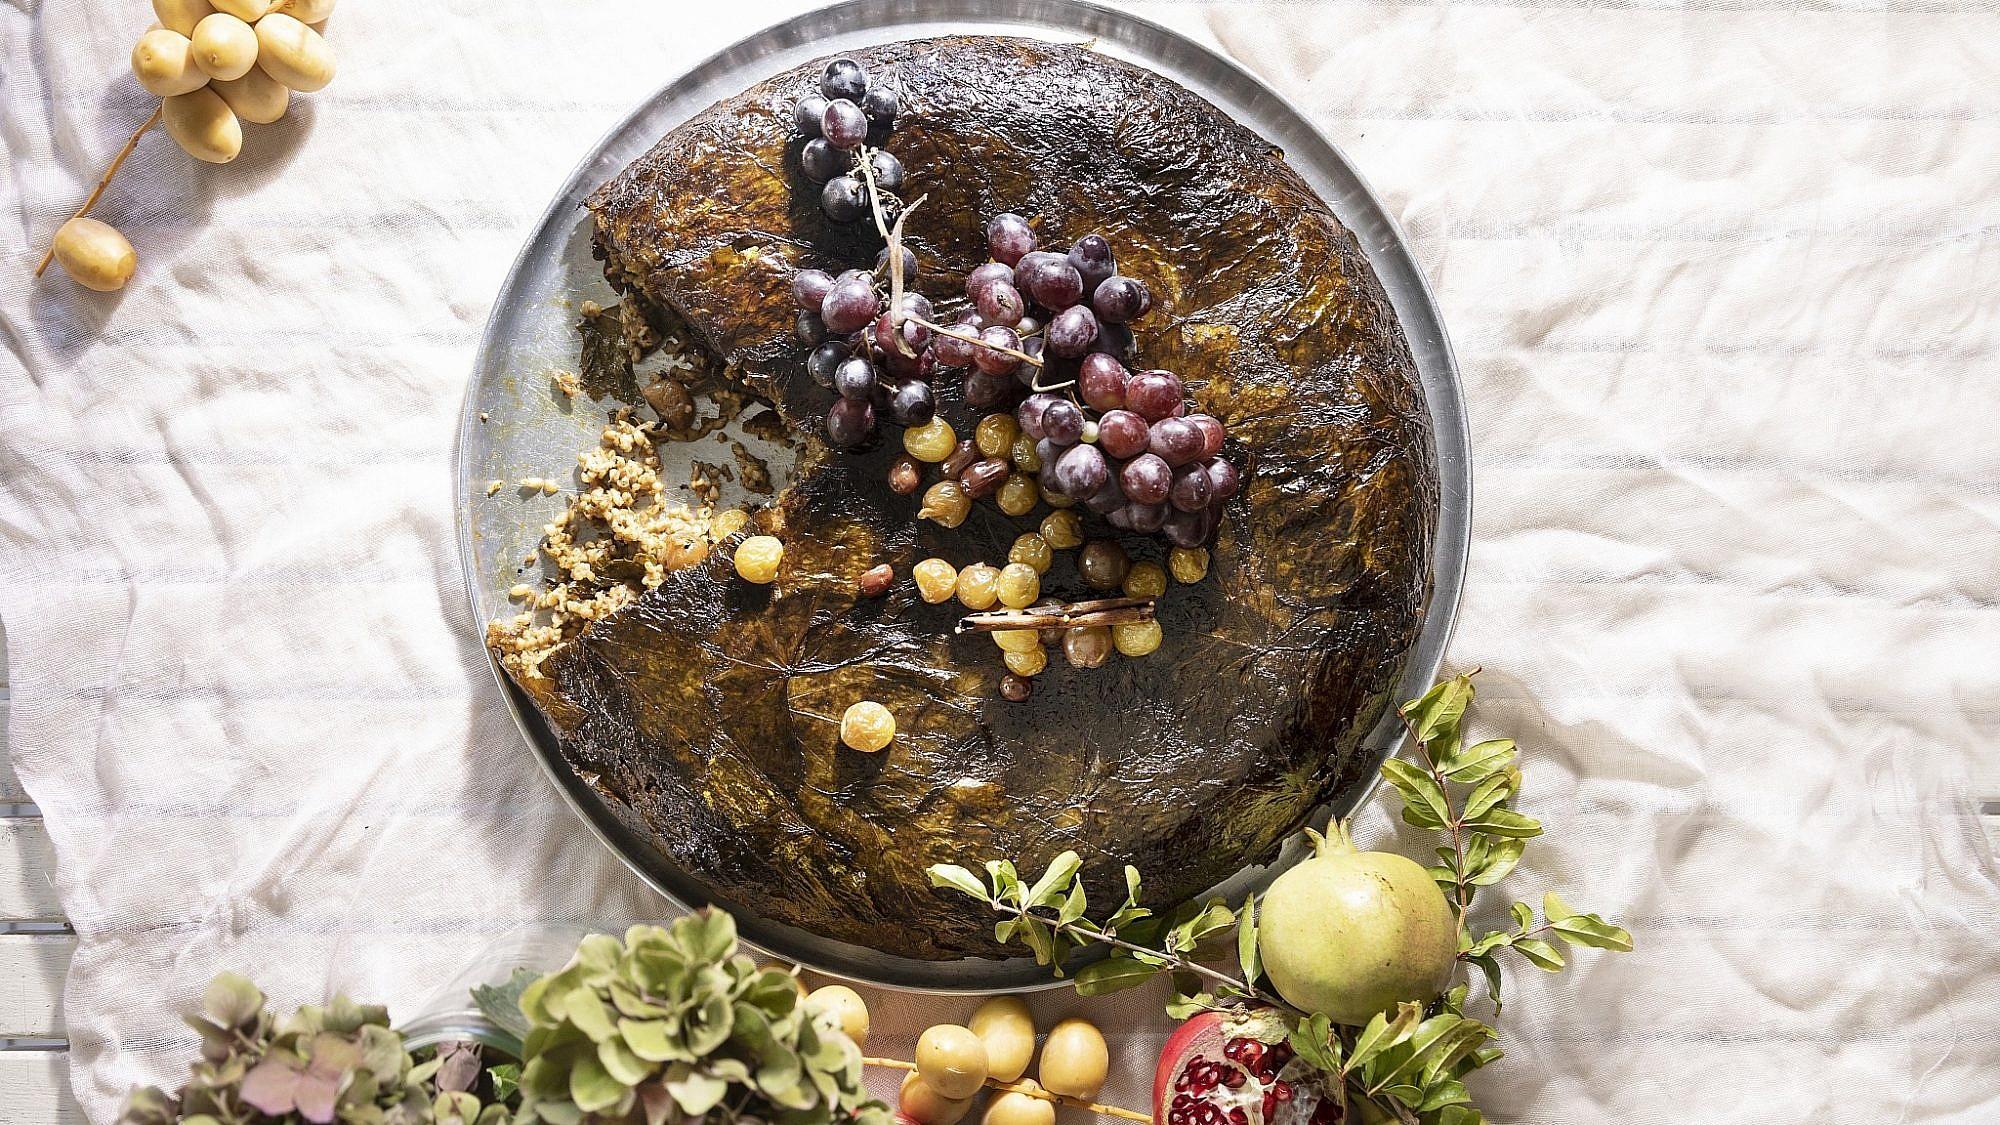 מאפה עלי גפן, פריקה וענבים כבושים של קרן ויעל סלע-גפן. צילום: דניאל לילה. סטיילינג: דיאנה לינדר